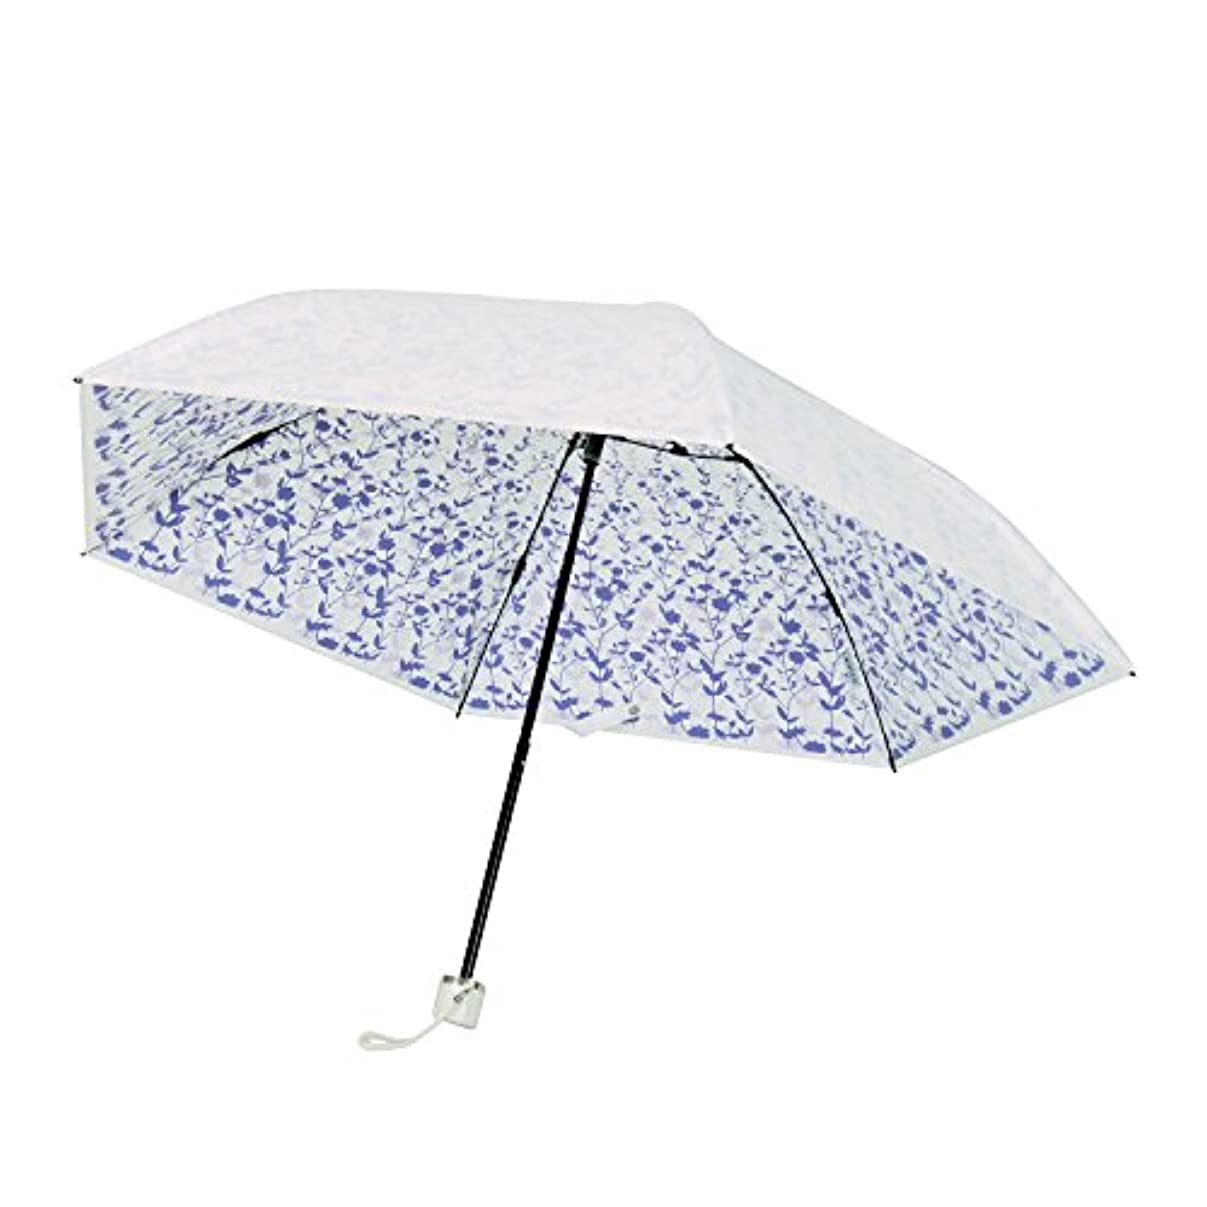 相続人水族館準備プレミアム ホワイト 折りたたみ傘 手開き 遮光 遮熱 日傘/晴雨兼用傘 リエール 全3色 パープル 6本骨 50cm UVカット 99%以上 軽量 コンパクト 3935PP